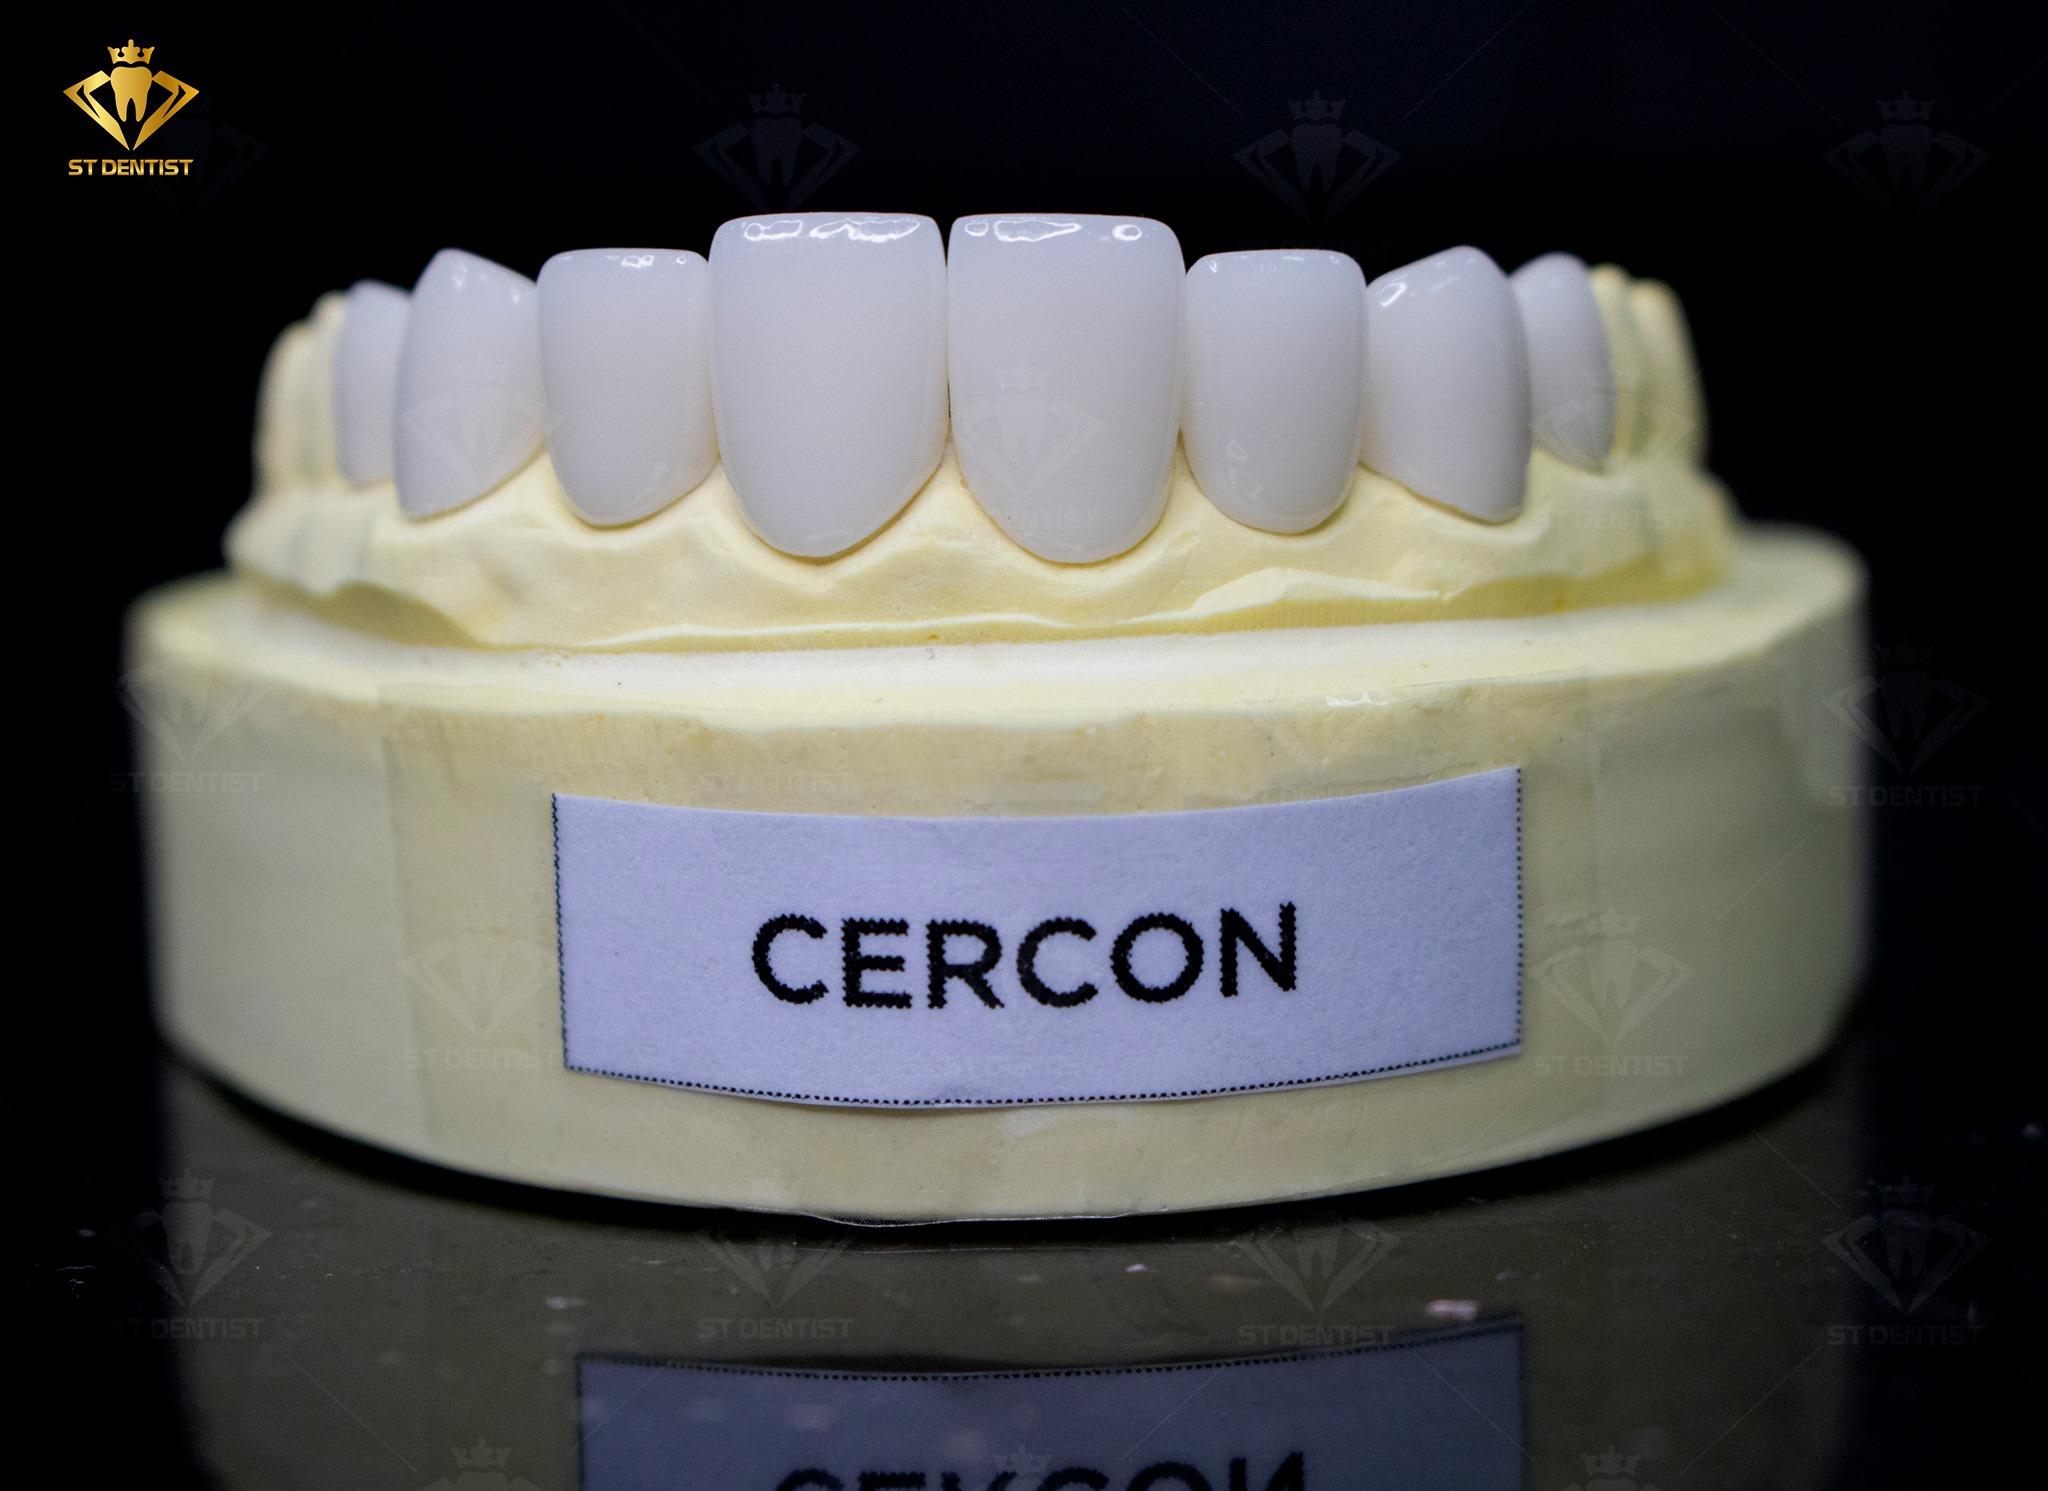 răng-toàn-sứ-CerconHT-1